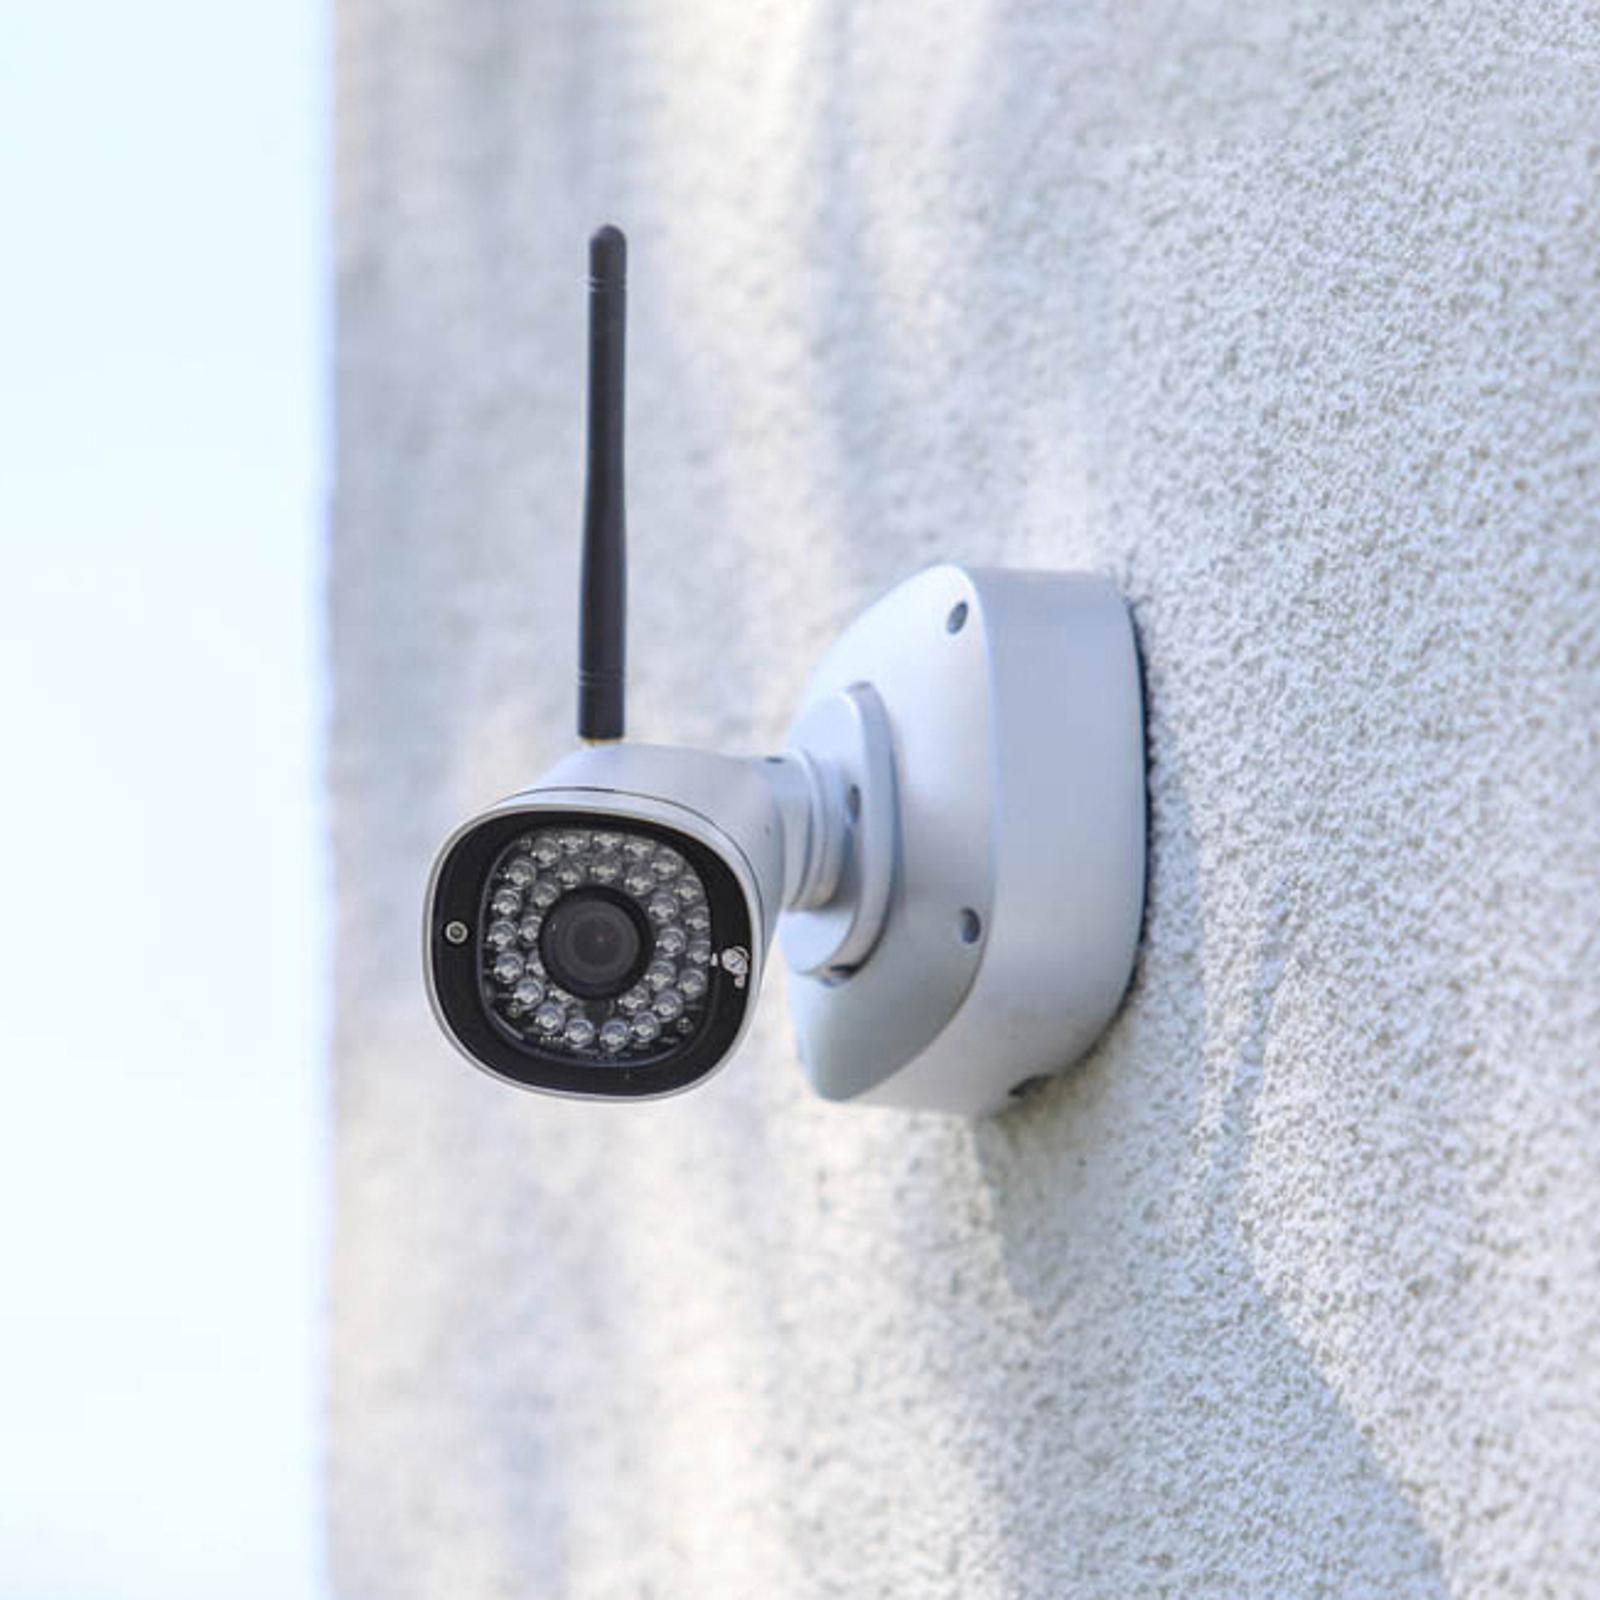 Rademacher HomePilot HD-kamera for utendørs bruk